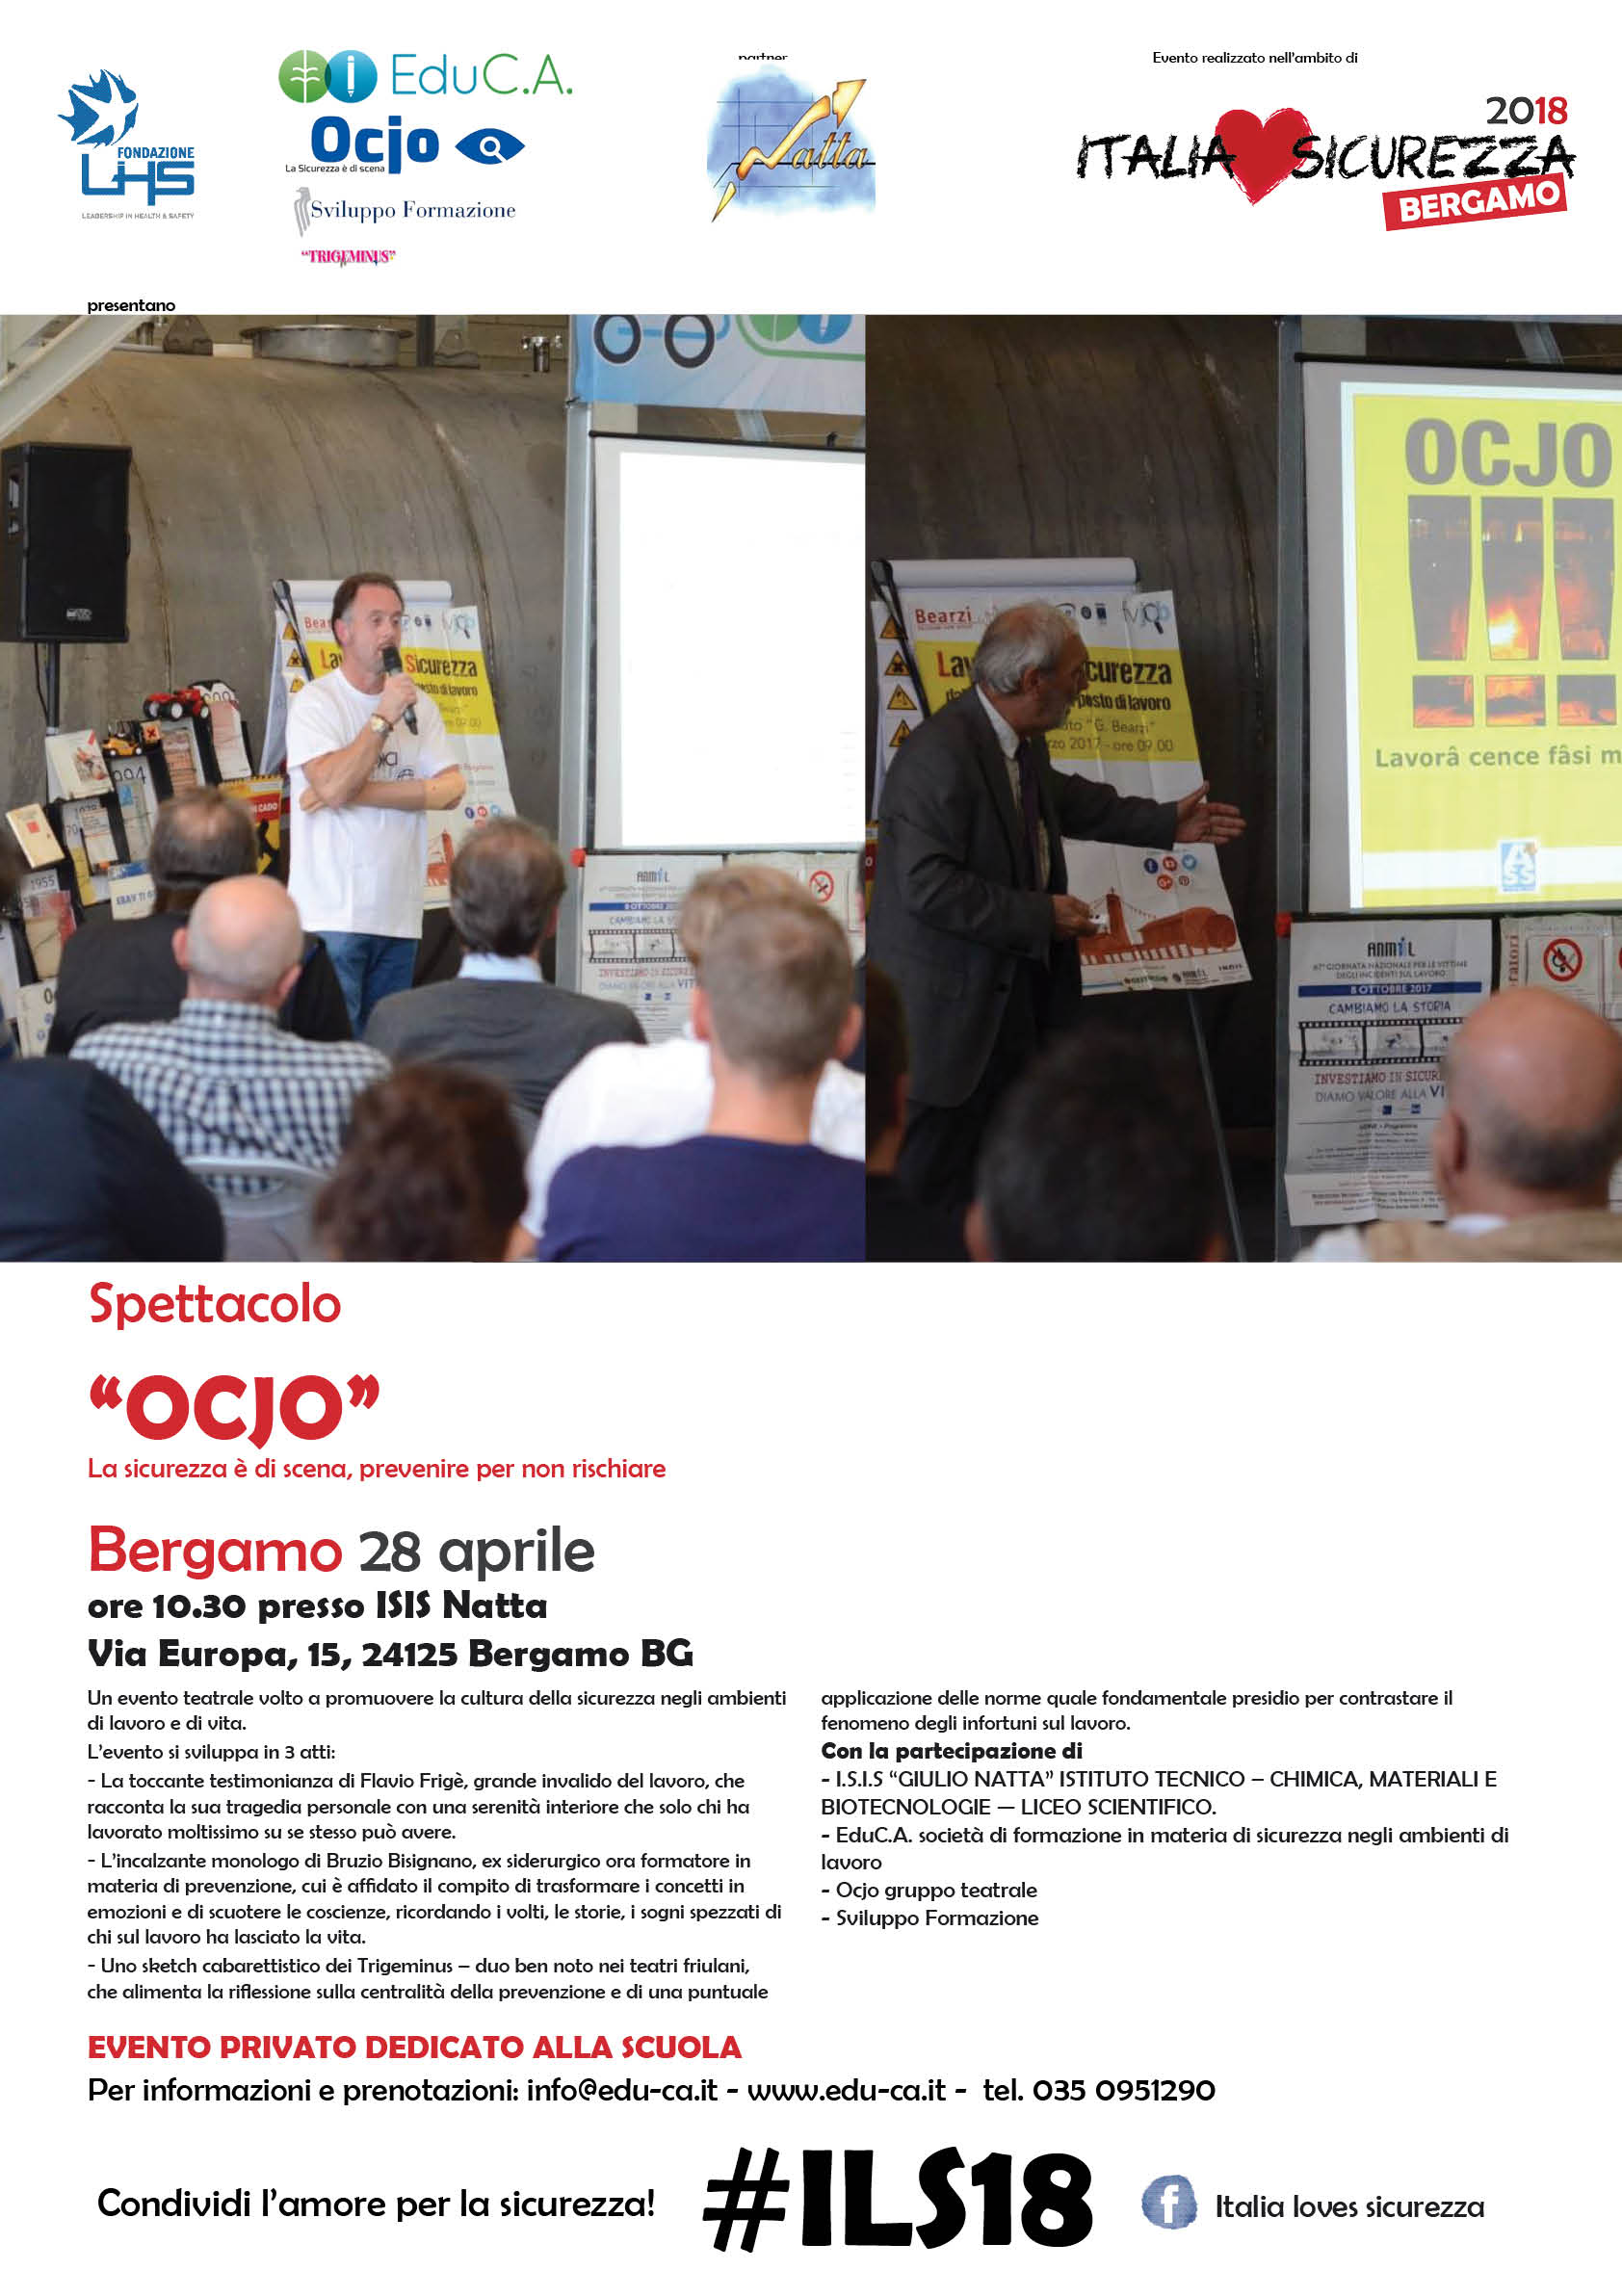 https://www.fondlhs.org/wp-content/uploads/2018/04/ILS18_Poster_EDUCA-Ocjo.jpg